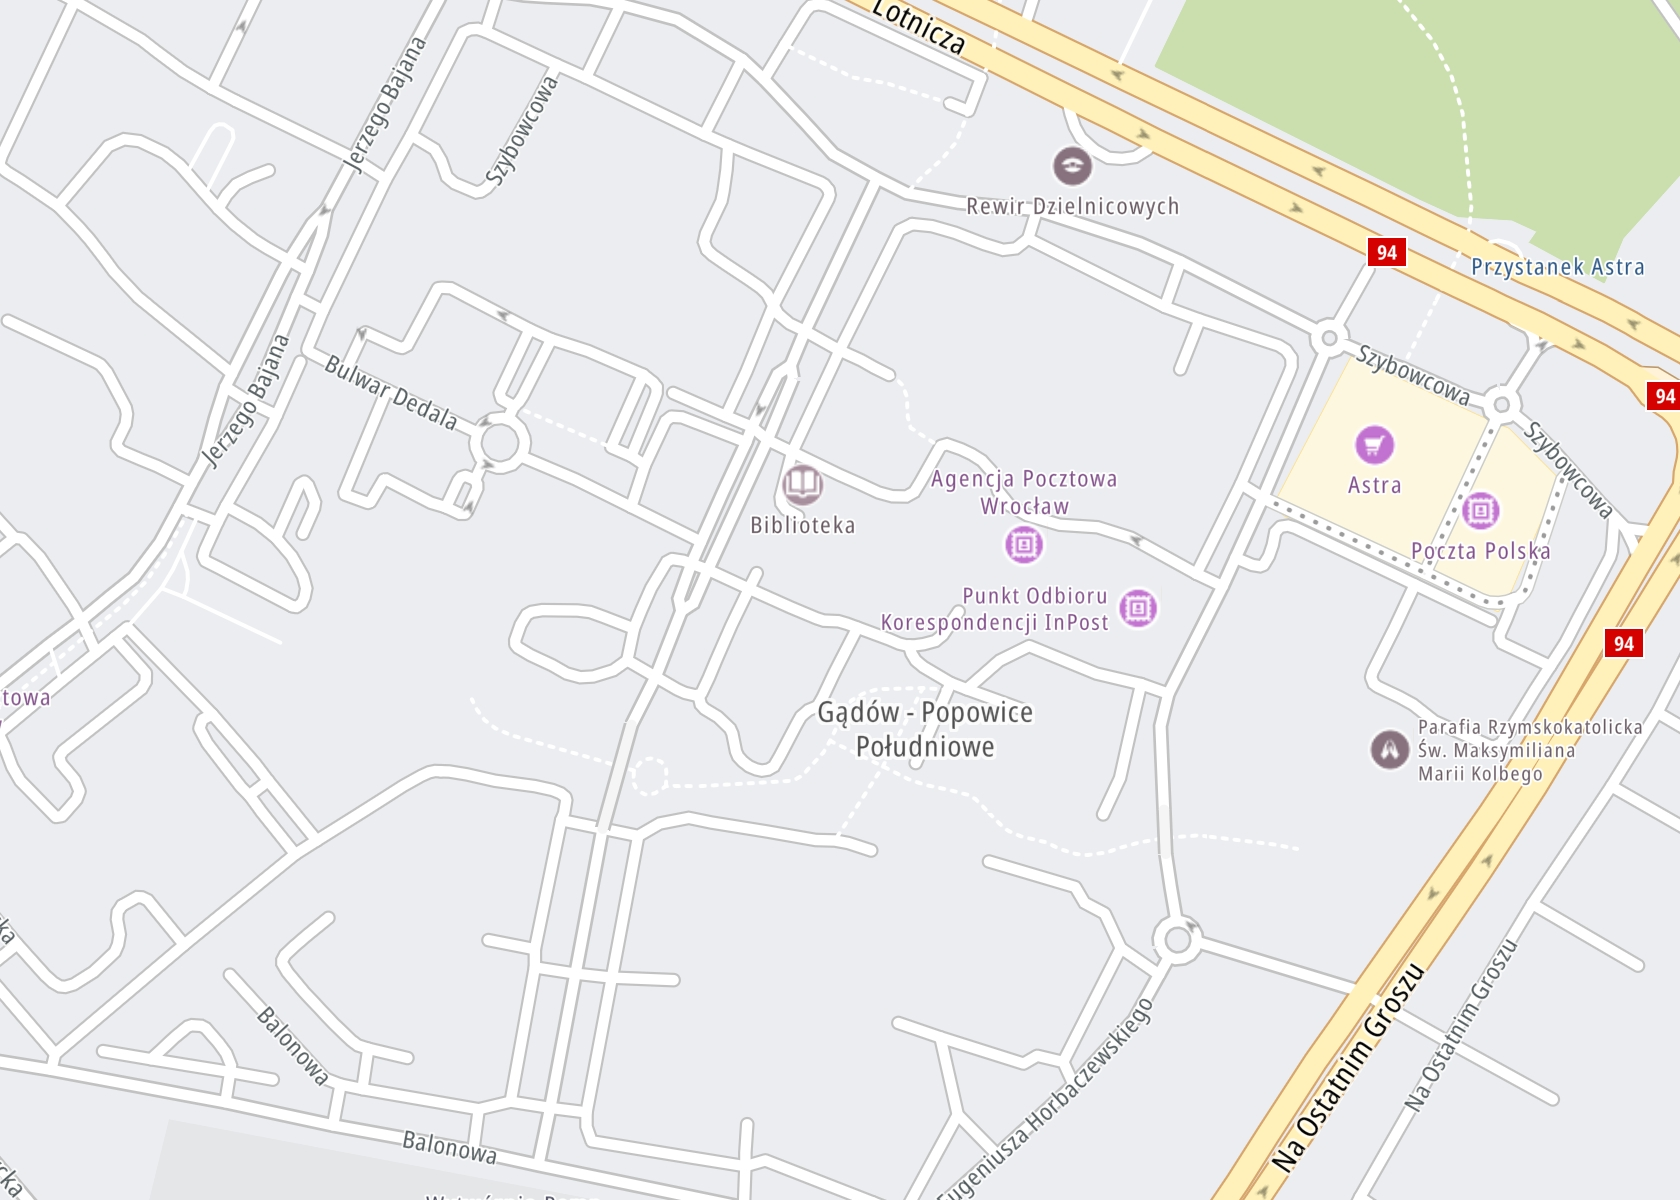 Położenie PORADNIA TERAPII UZALEŻNIENIA – Dariusz Kiełkiewicz, NZOZ Centrum Ikar Wrocław na mapie